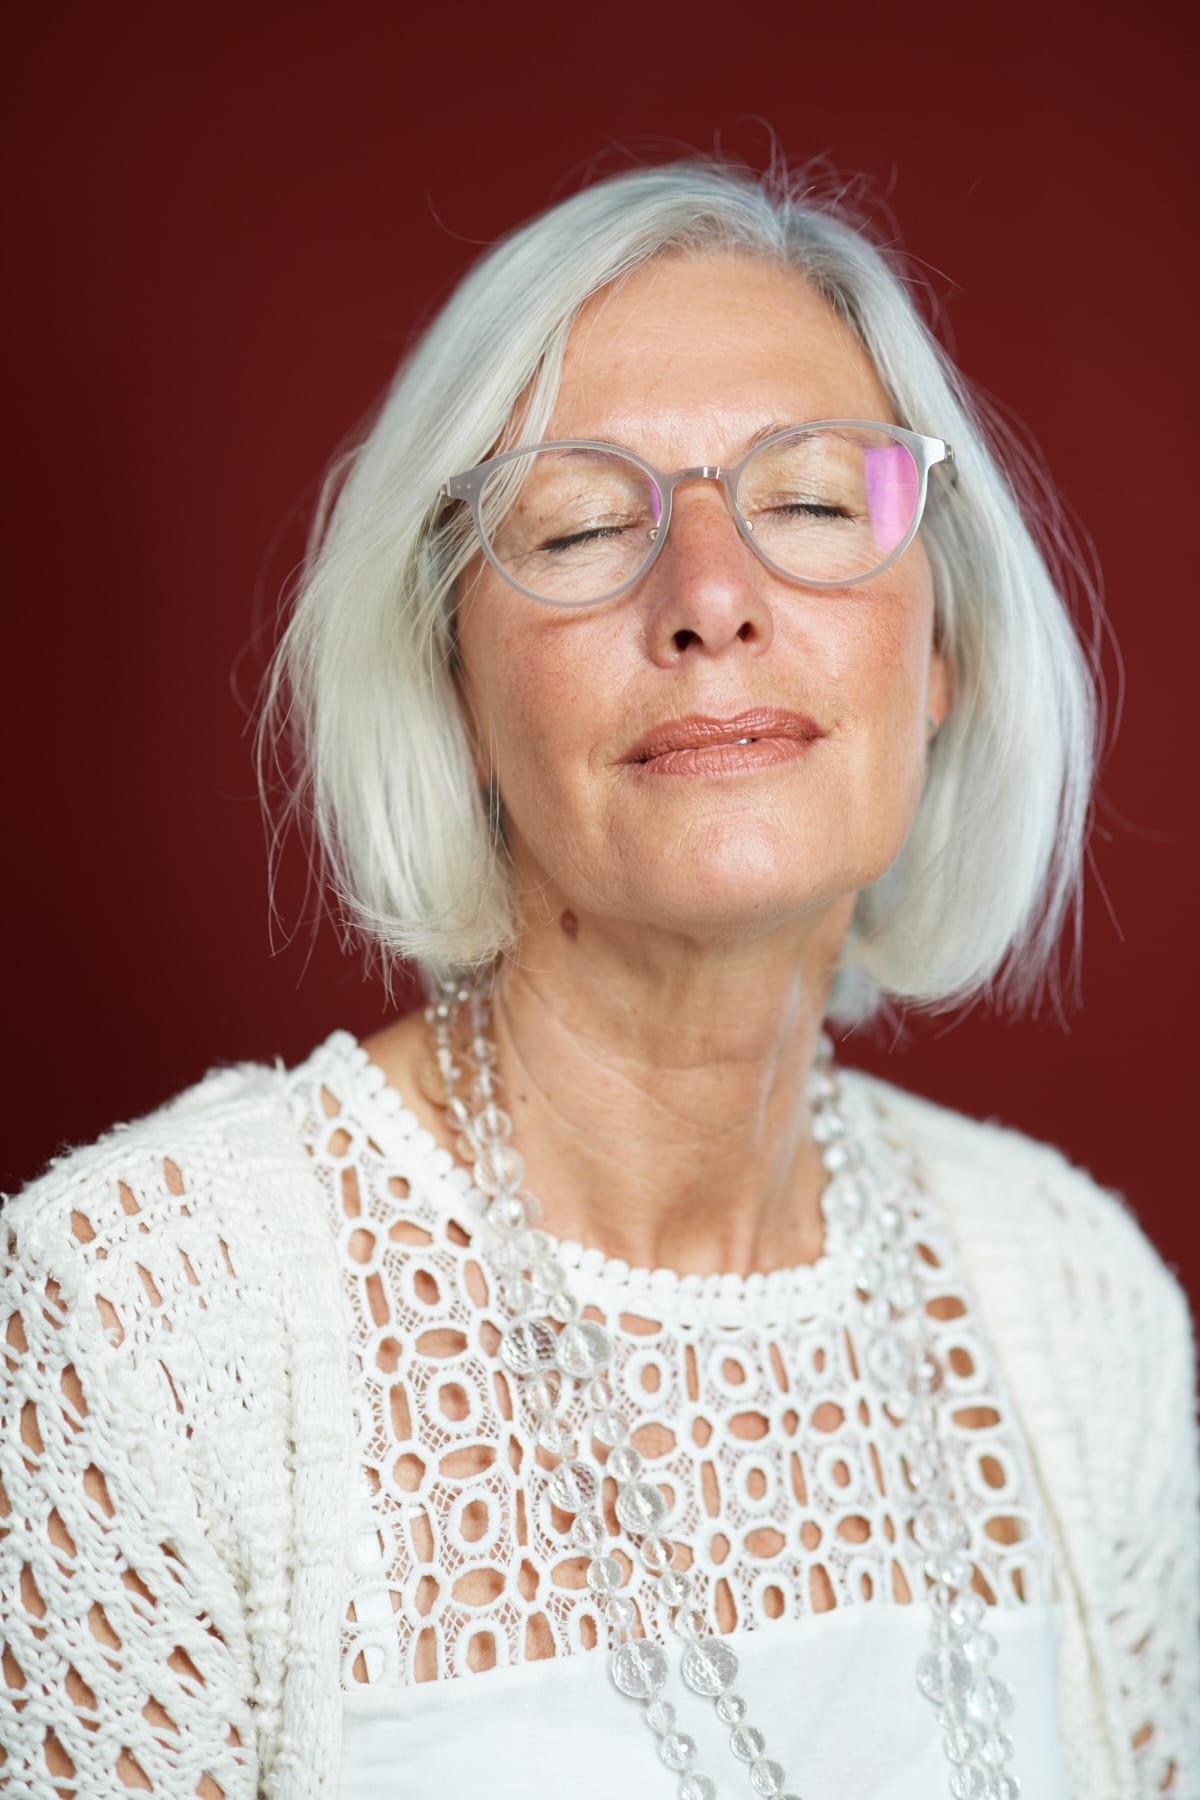 Portrait einer sinnlichen reifen Frau mit geschlossenen Augen